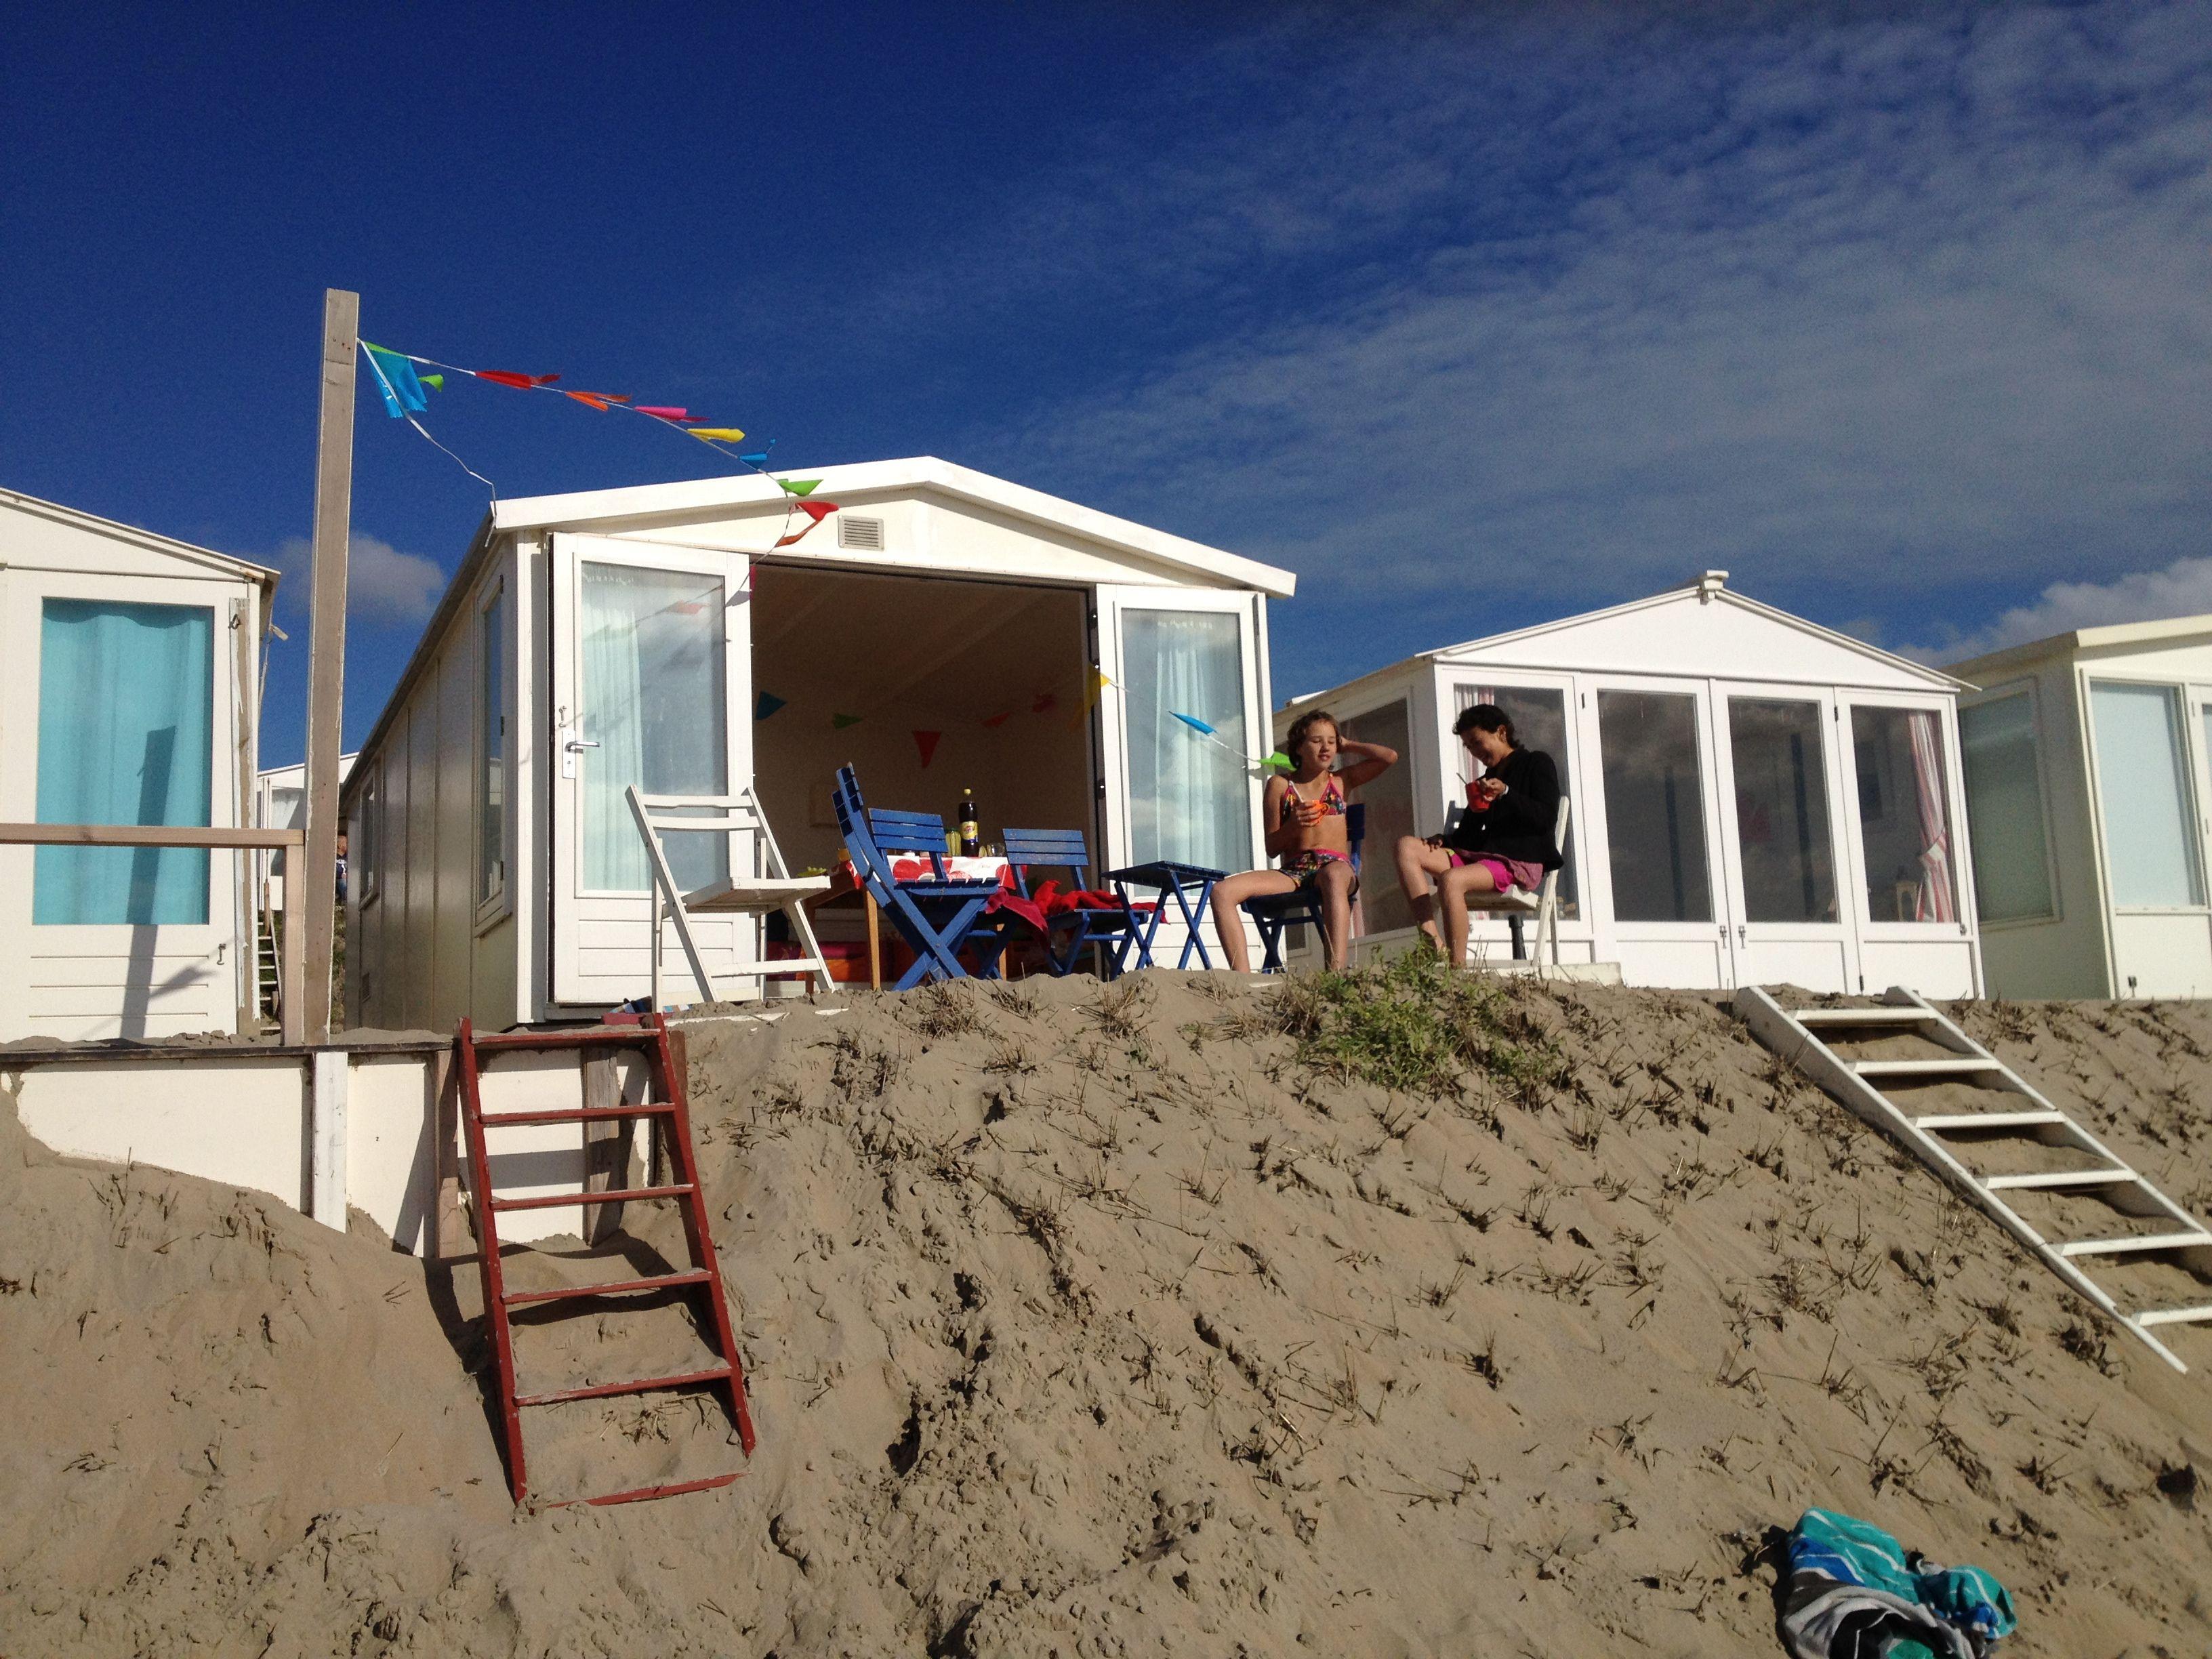 Beachcabin Bloemendaal aan zee The Netherlands